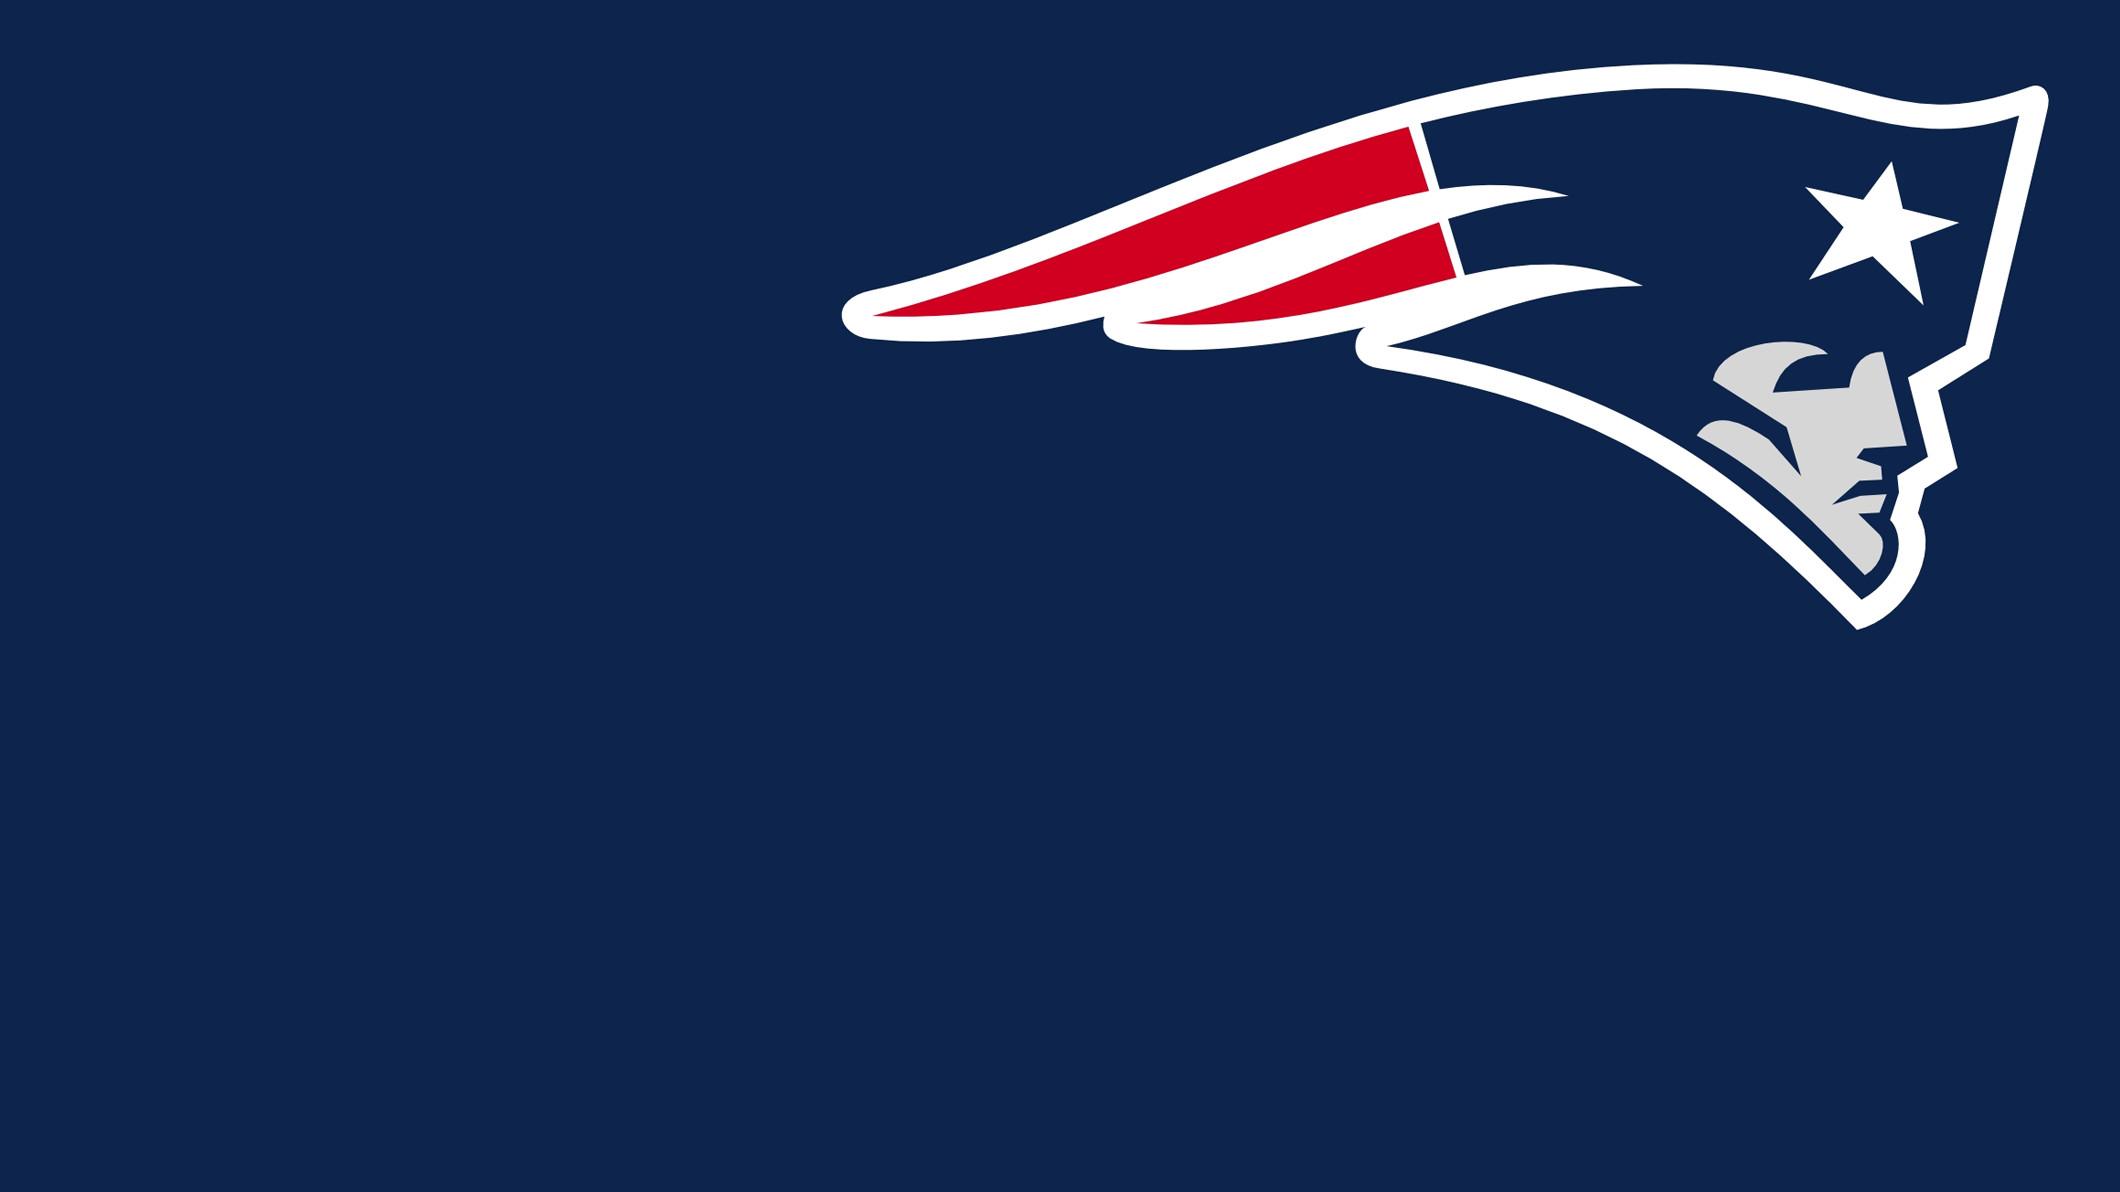 New England Patriots Widescreen Wallpaper